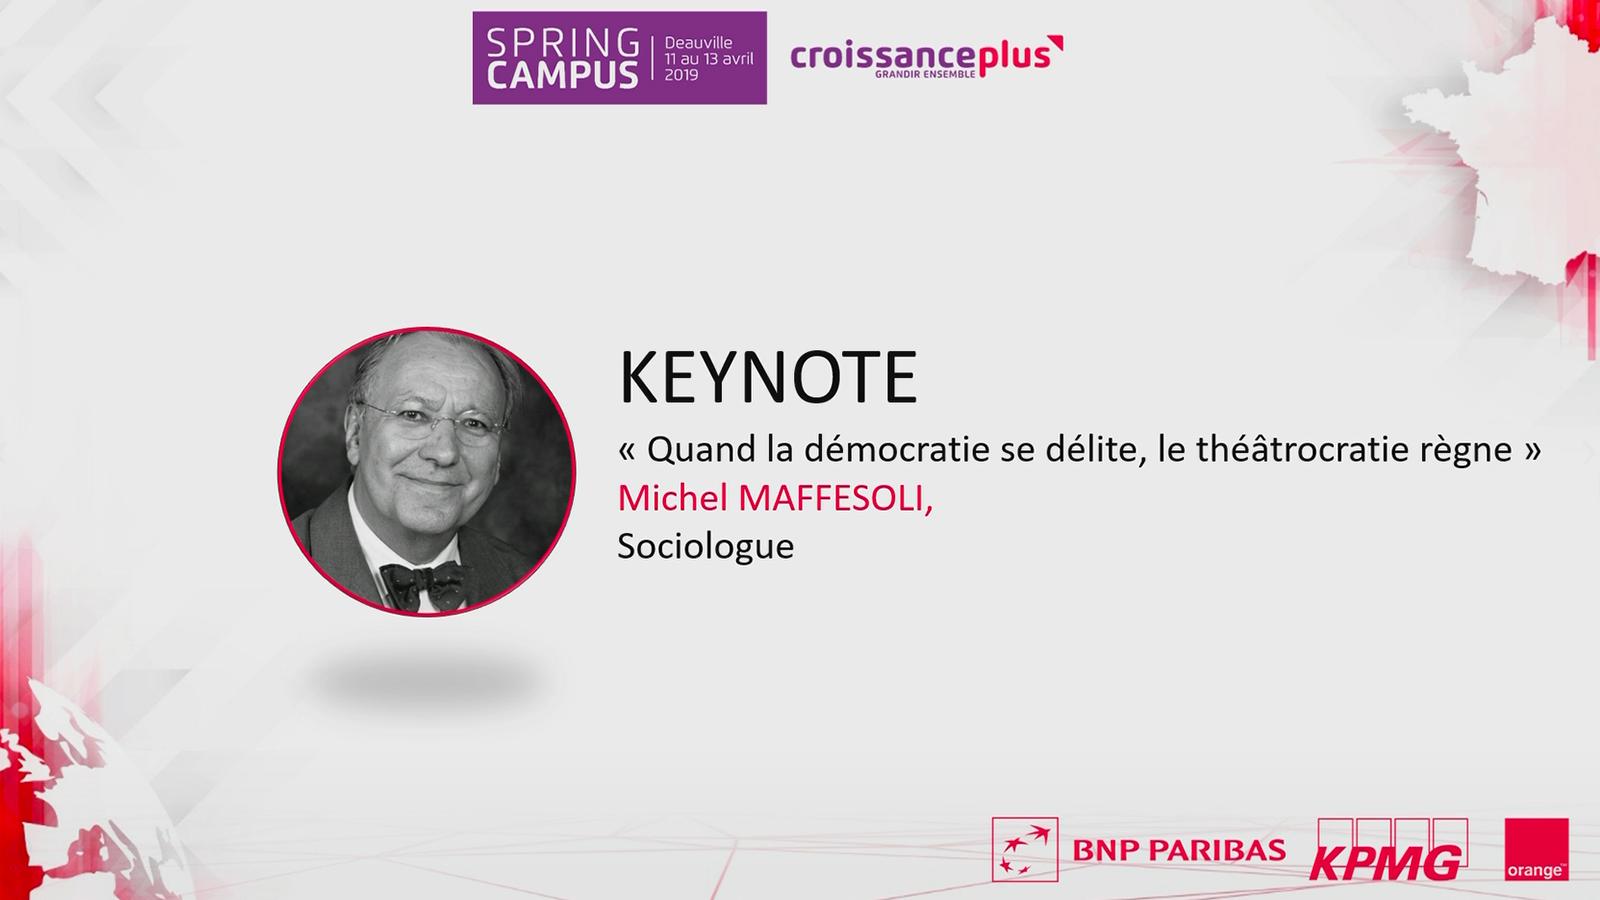 « Quand la démocratie se délite, le théâtocratie règne », intervention de Michel Maffesoli au Spring Campus 2019